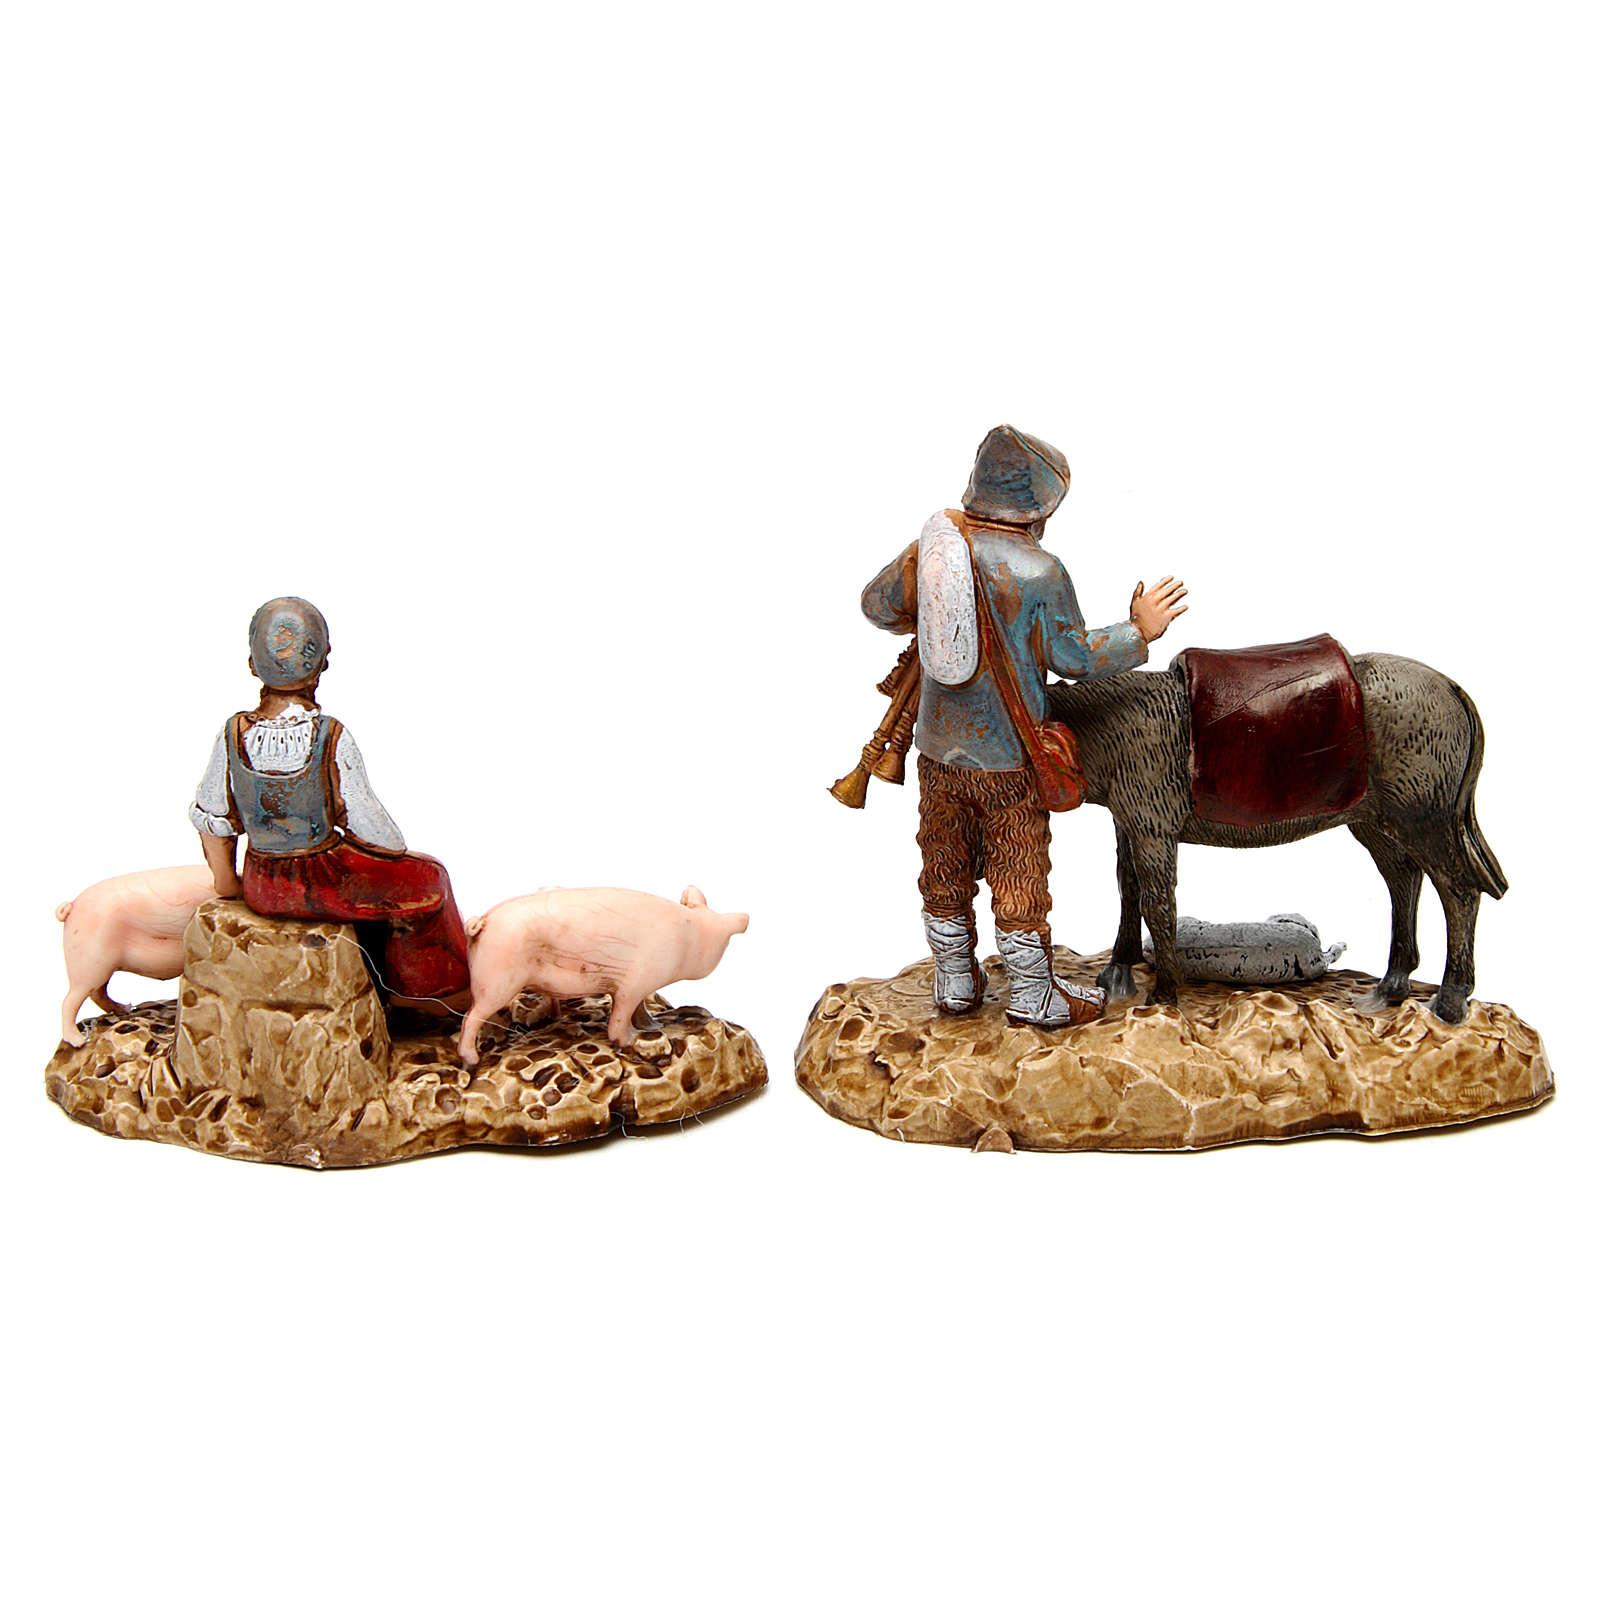 Grupo con animales 10 cm Moranduzzo 2 figuras 4